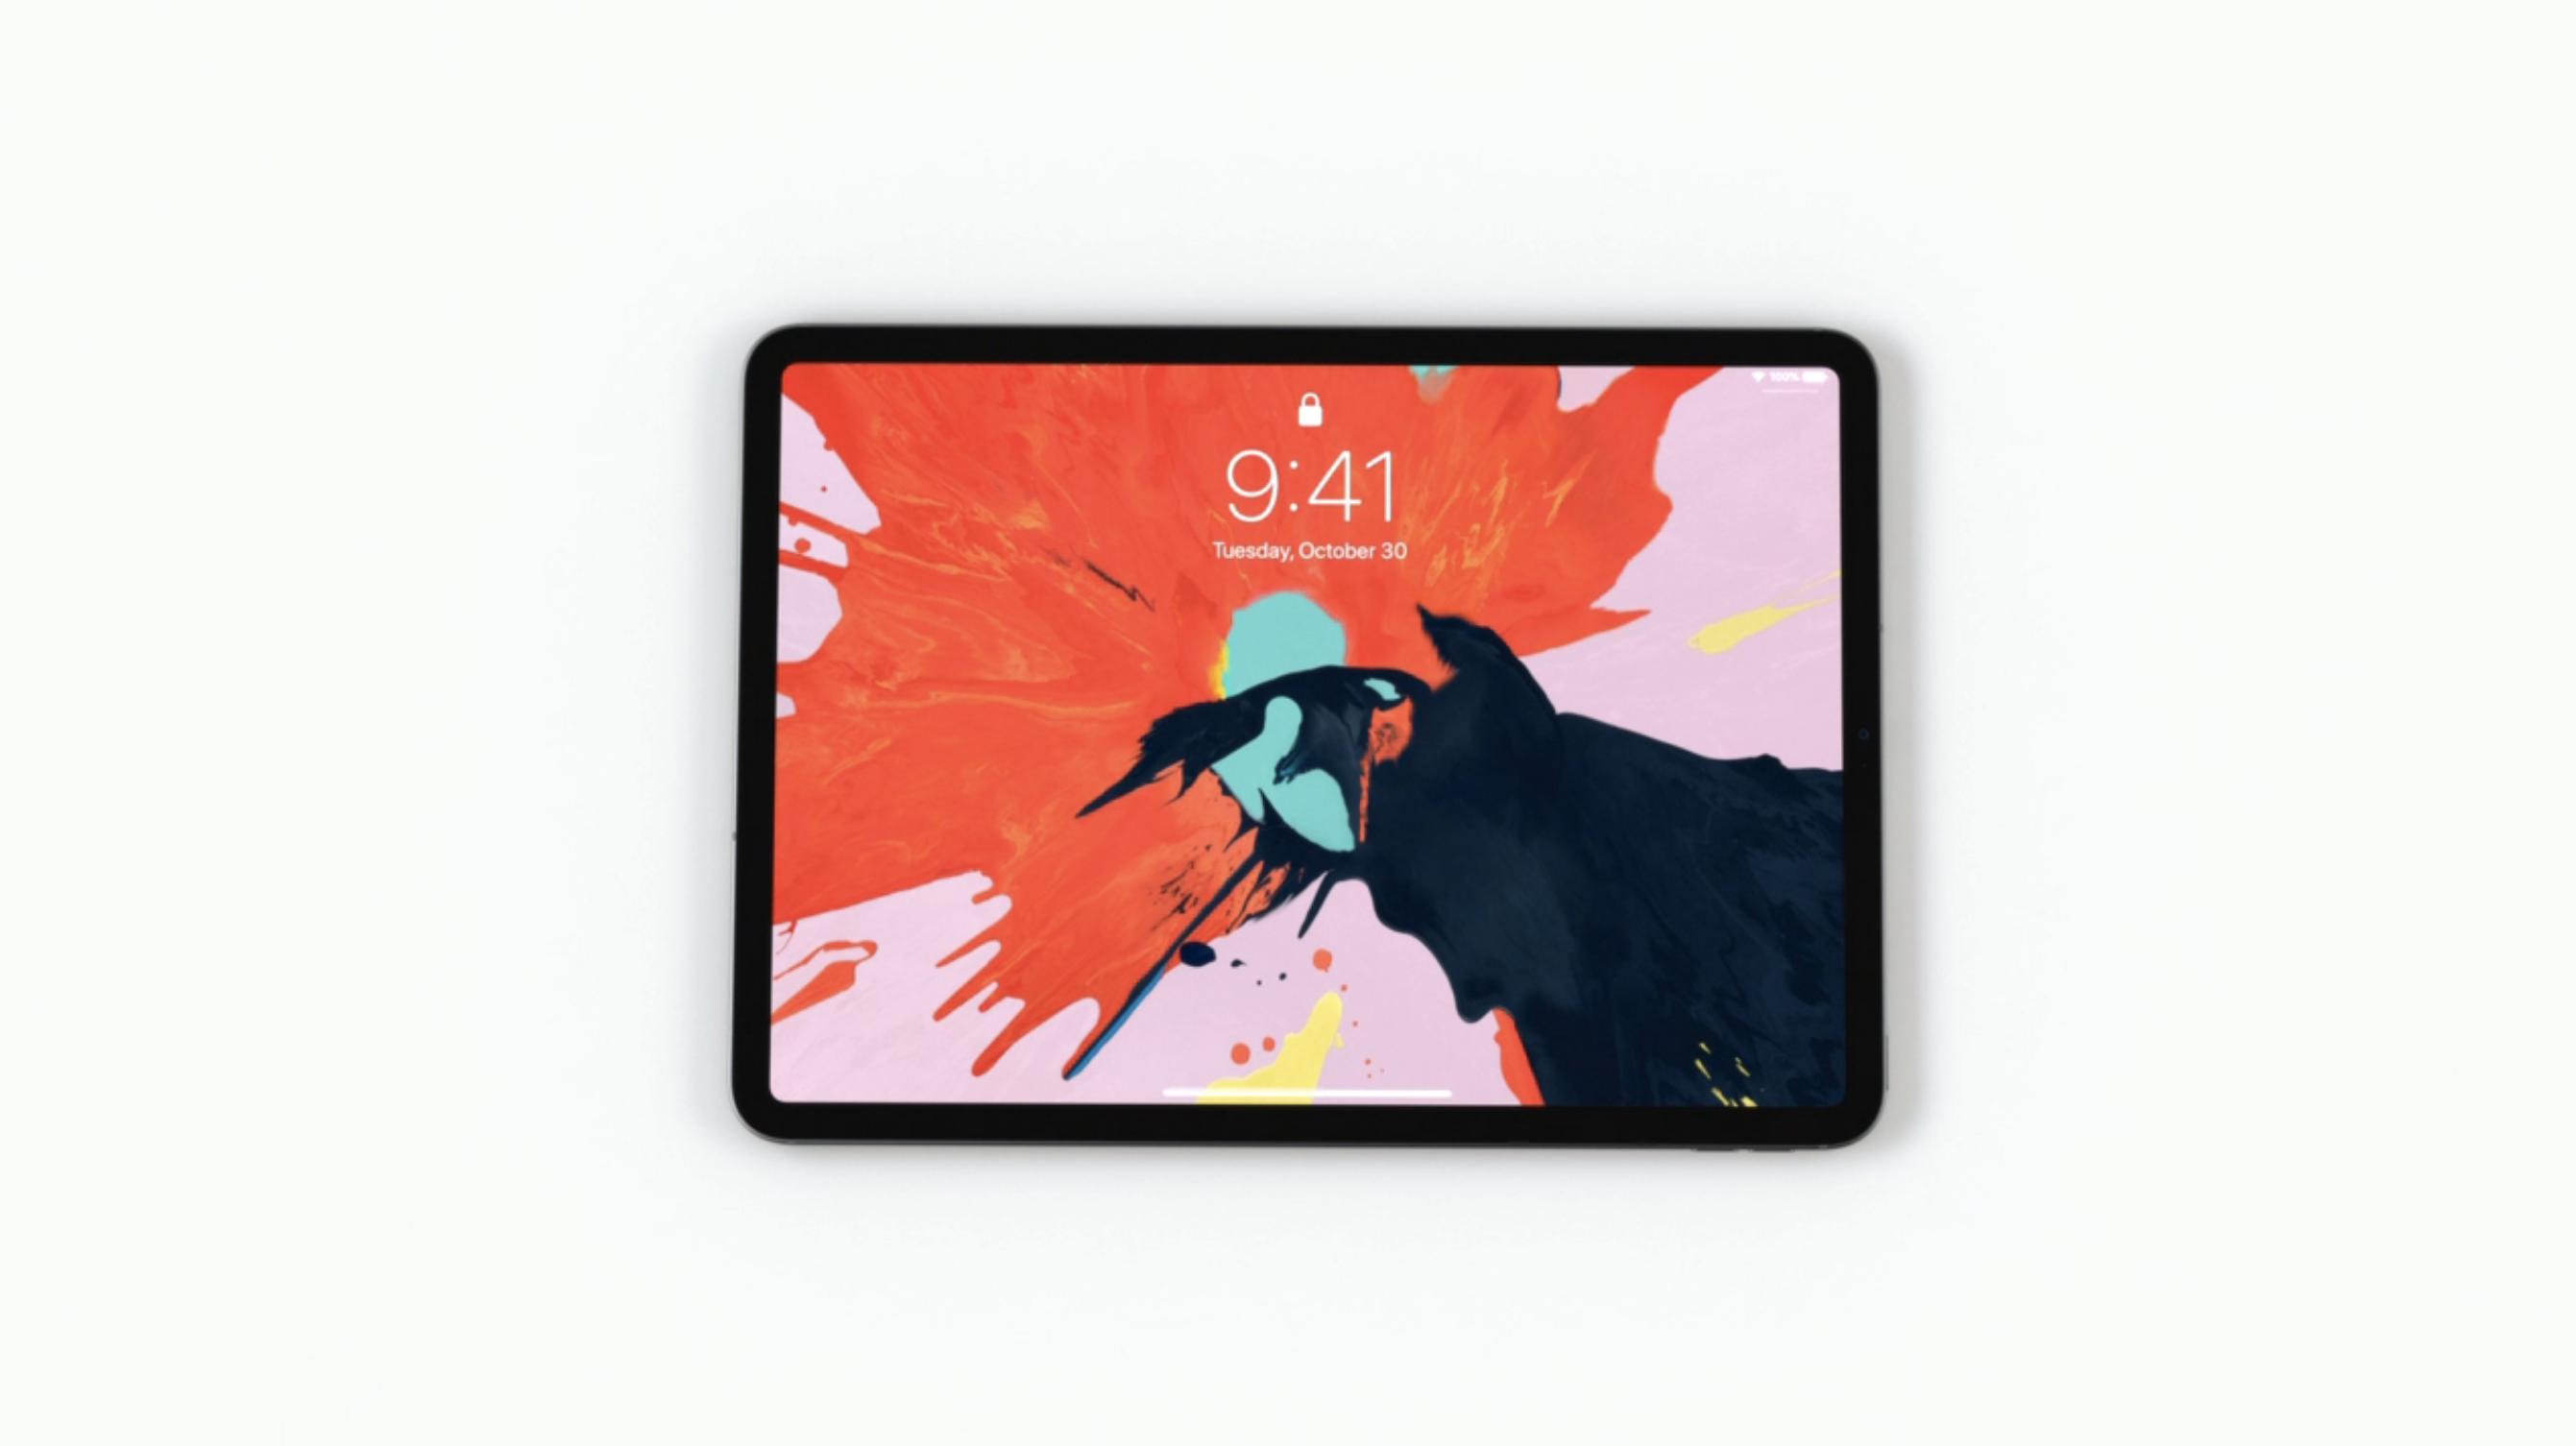 自从iPad 问世以来最大的外型改变达到了「全萤幕」的设计